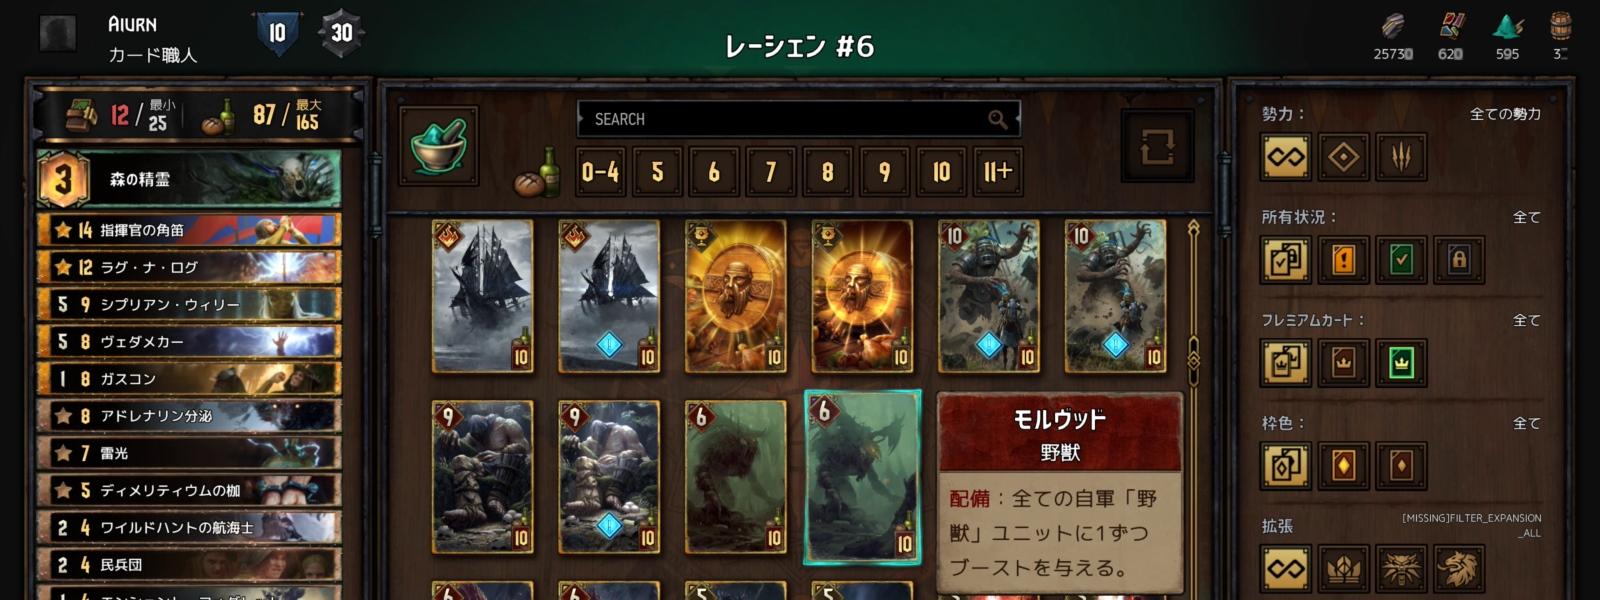 プレイヤーはデッキビルダーでデッキを作りながらカードをハイライトします